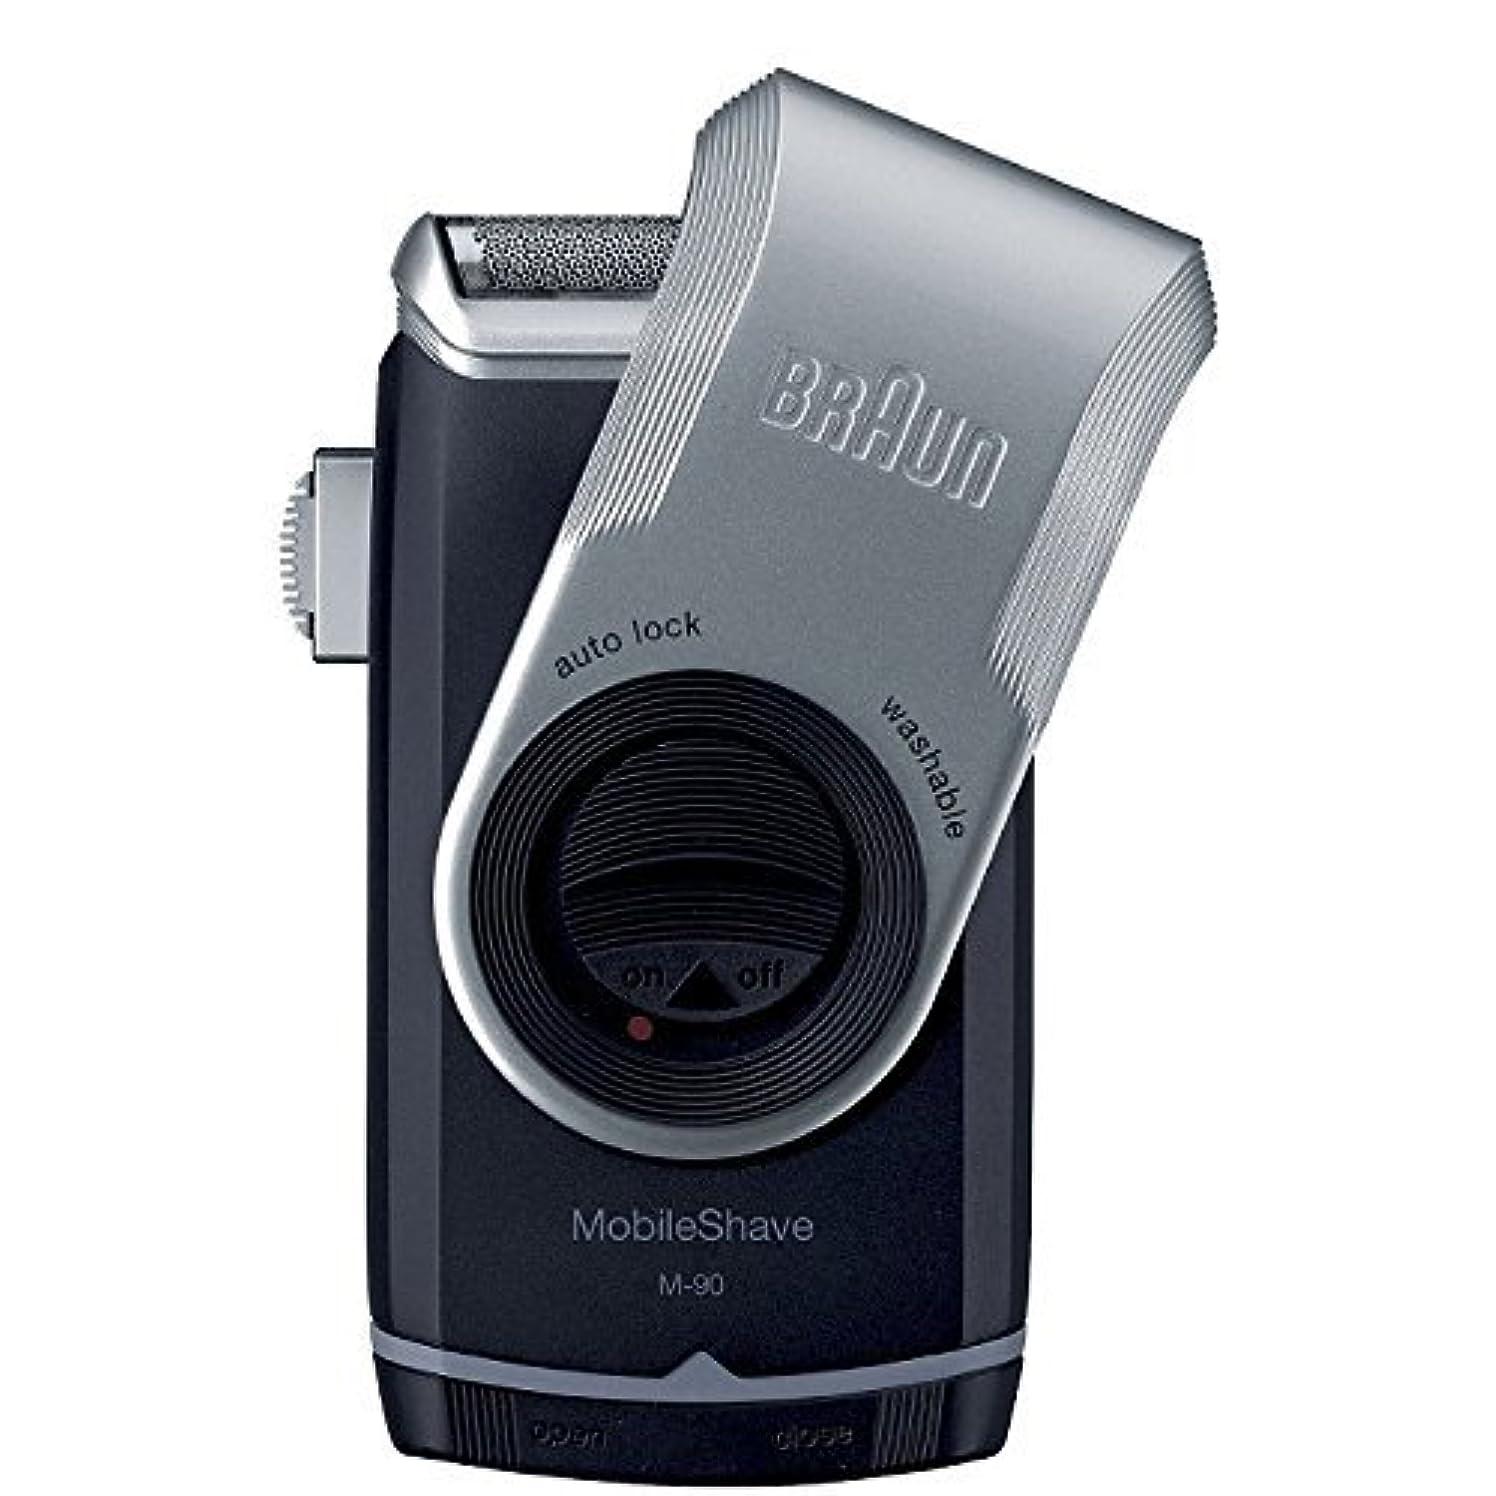 正確な航空書くBraun M90 Pocketgo Mobileshave スマートホイルでポータブルシェーバー [並行輸入品]